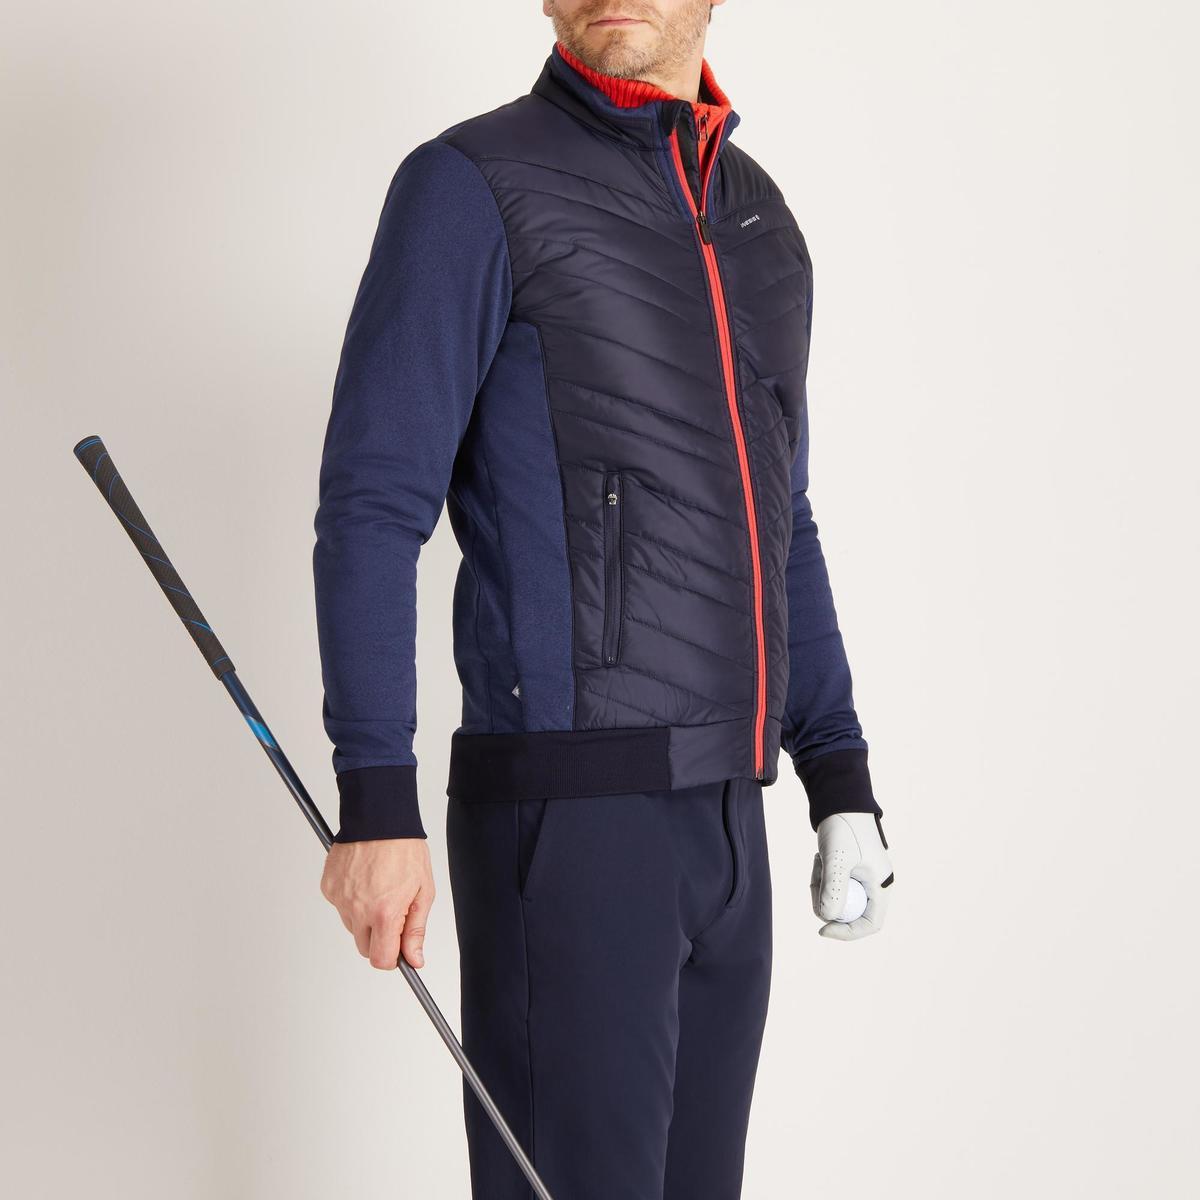 Bild 3 von Golf Wattierte Jacke Herren kühle Witterungen marineblau